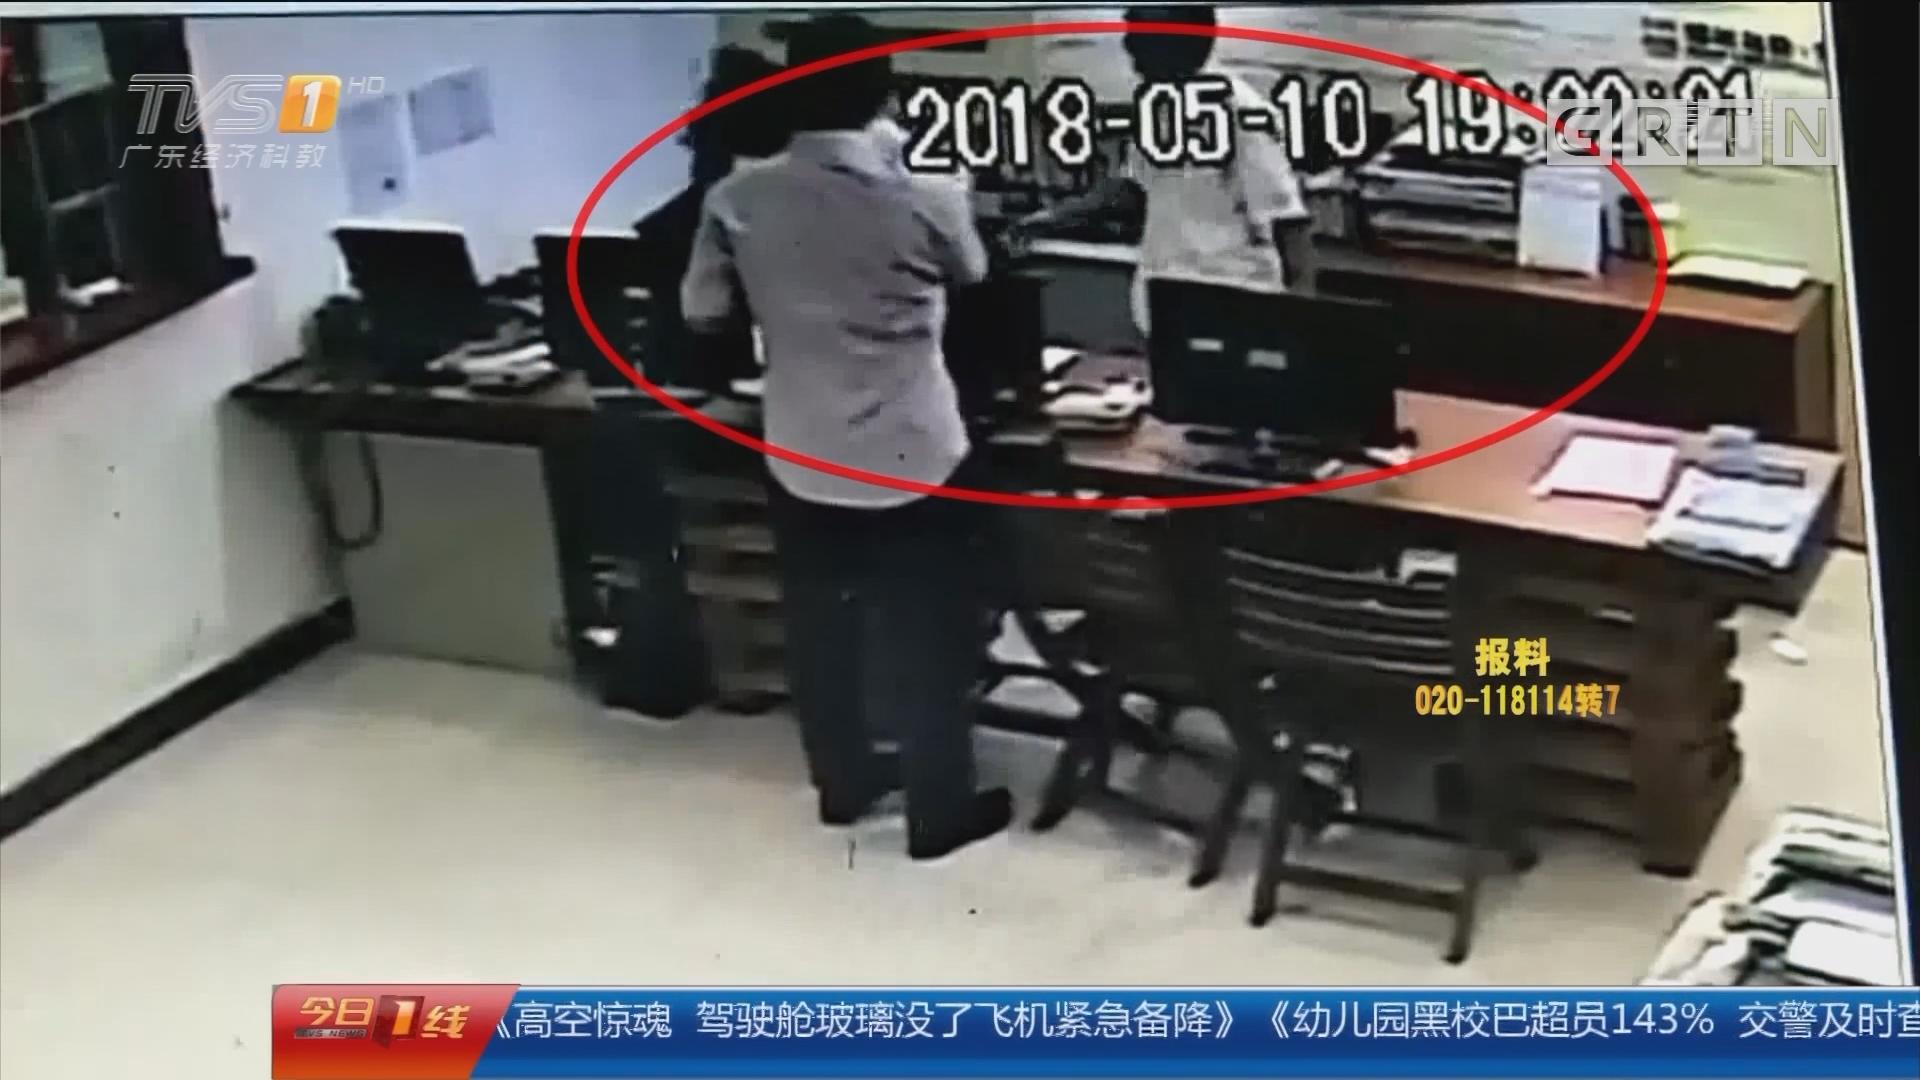 中山火炬开发区:冲动的惩罚 业主打物业警方开罚单